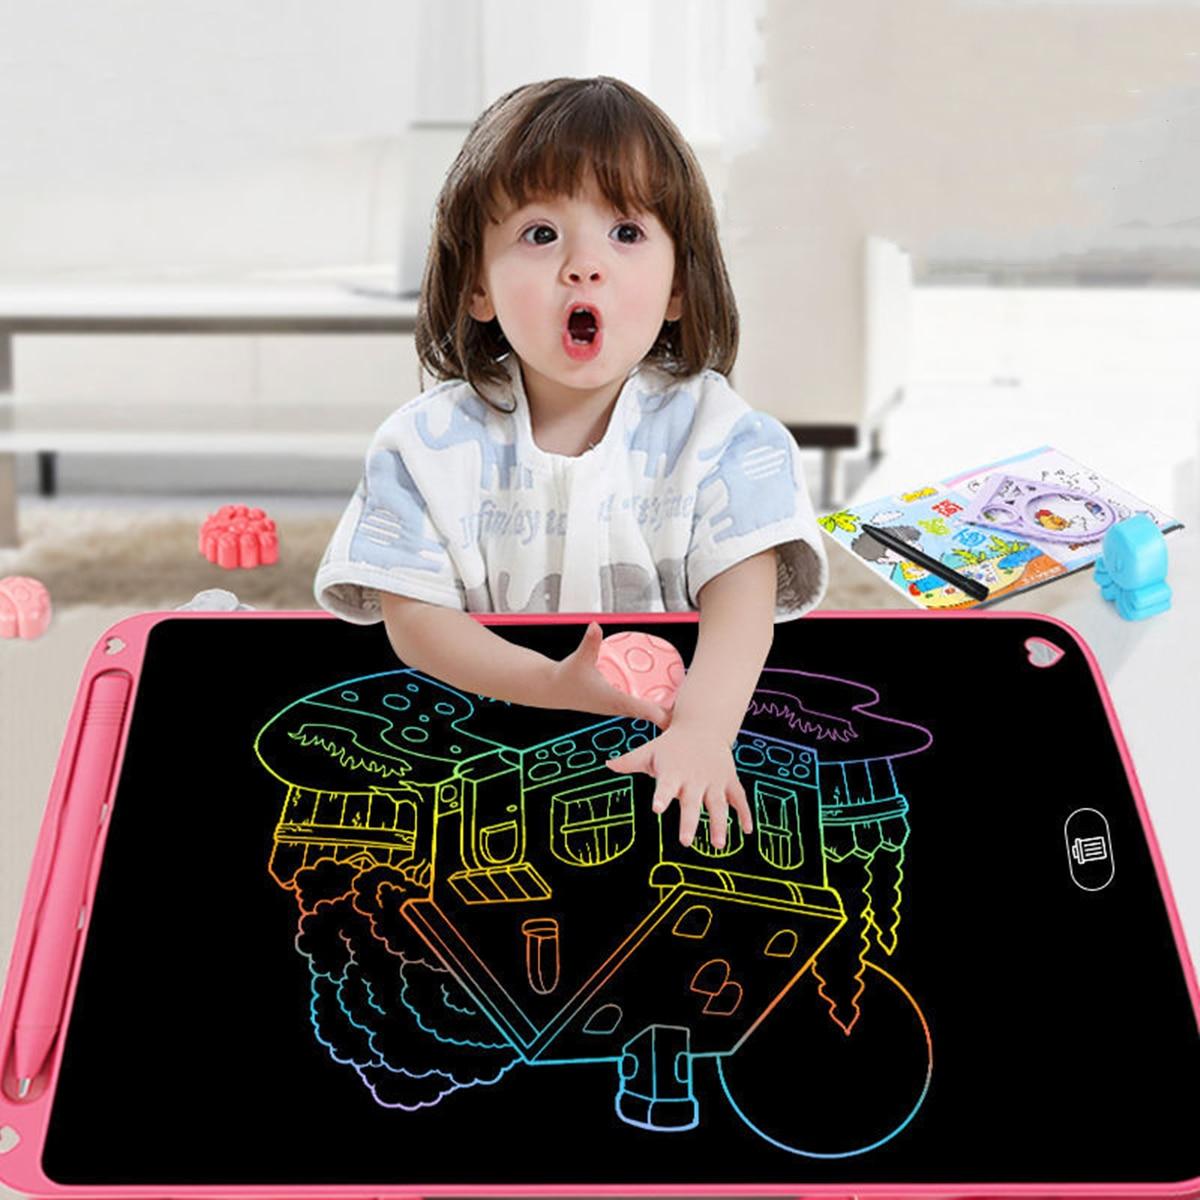 Электронная доска для рисования 8,6 дюйма, ЖК-экран, планшет для письма, цифровые графические планшеты для рисования, электронная доска для р...